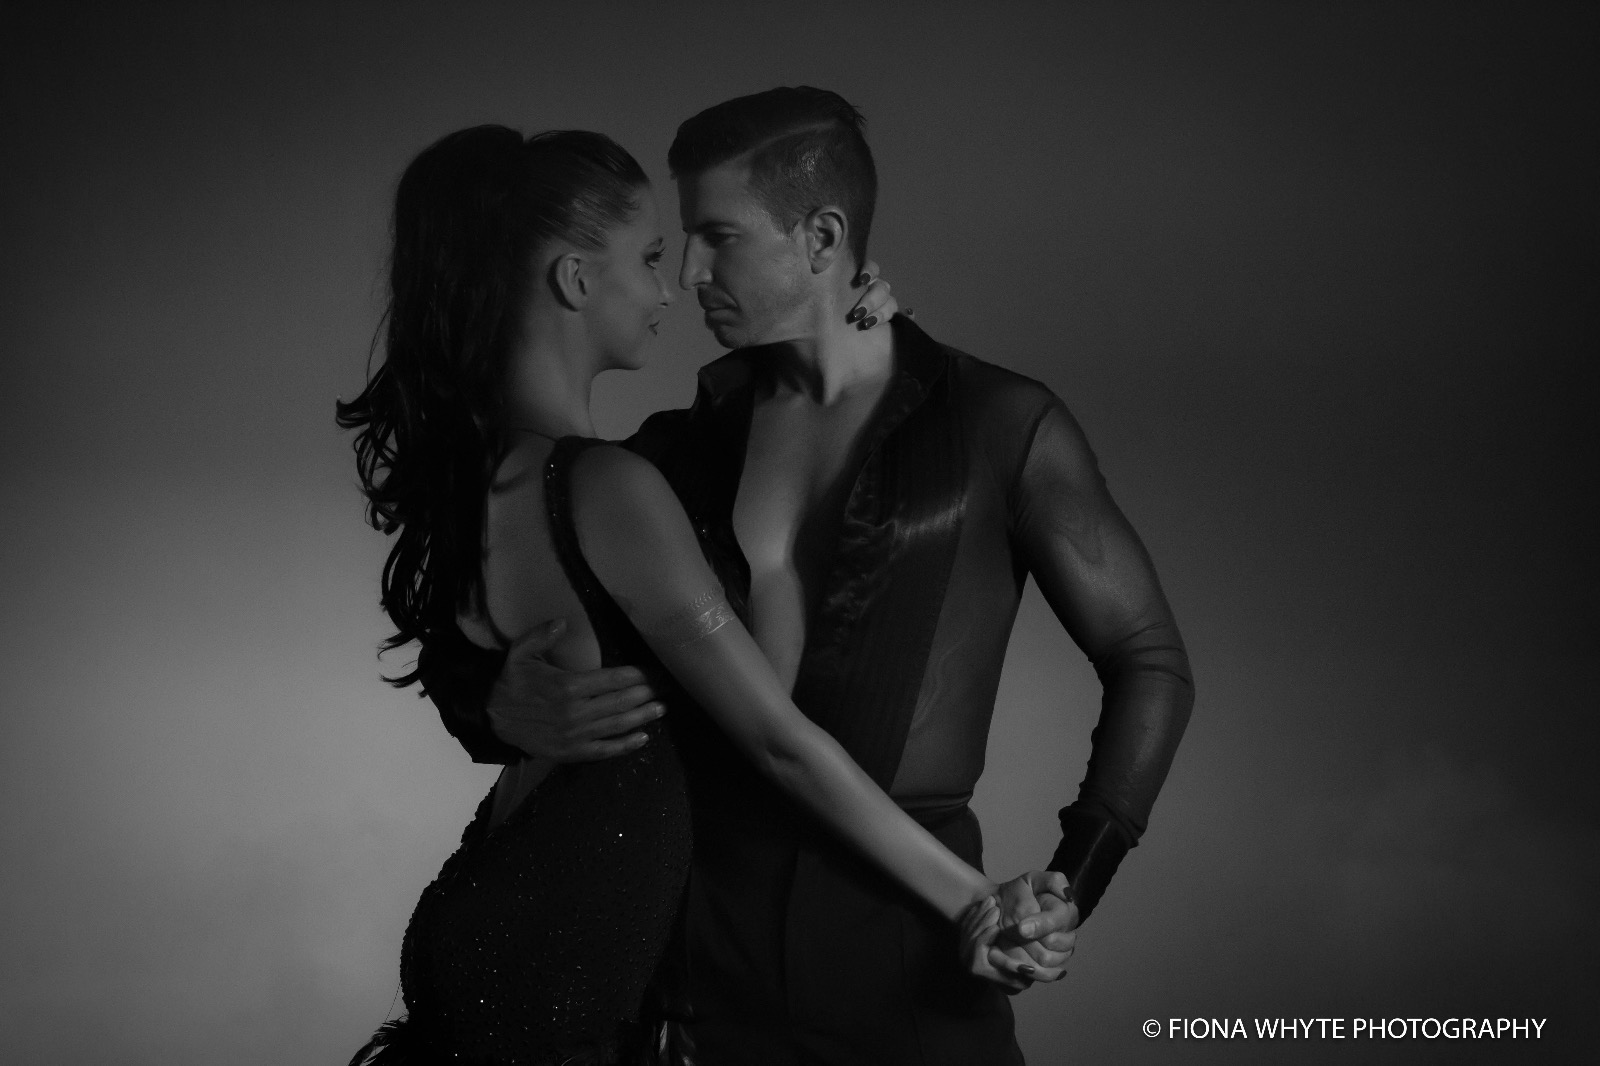 Ryan-Hammond-Angelique-Allison-4